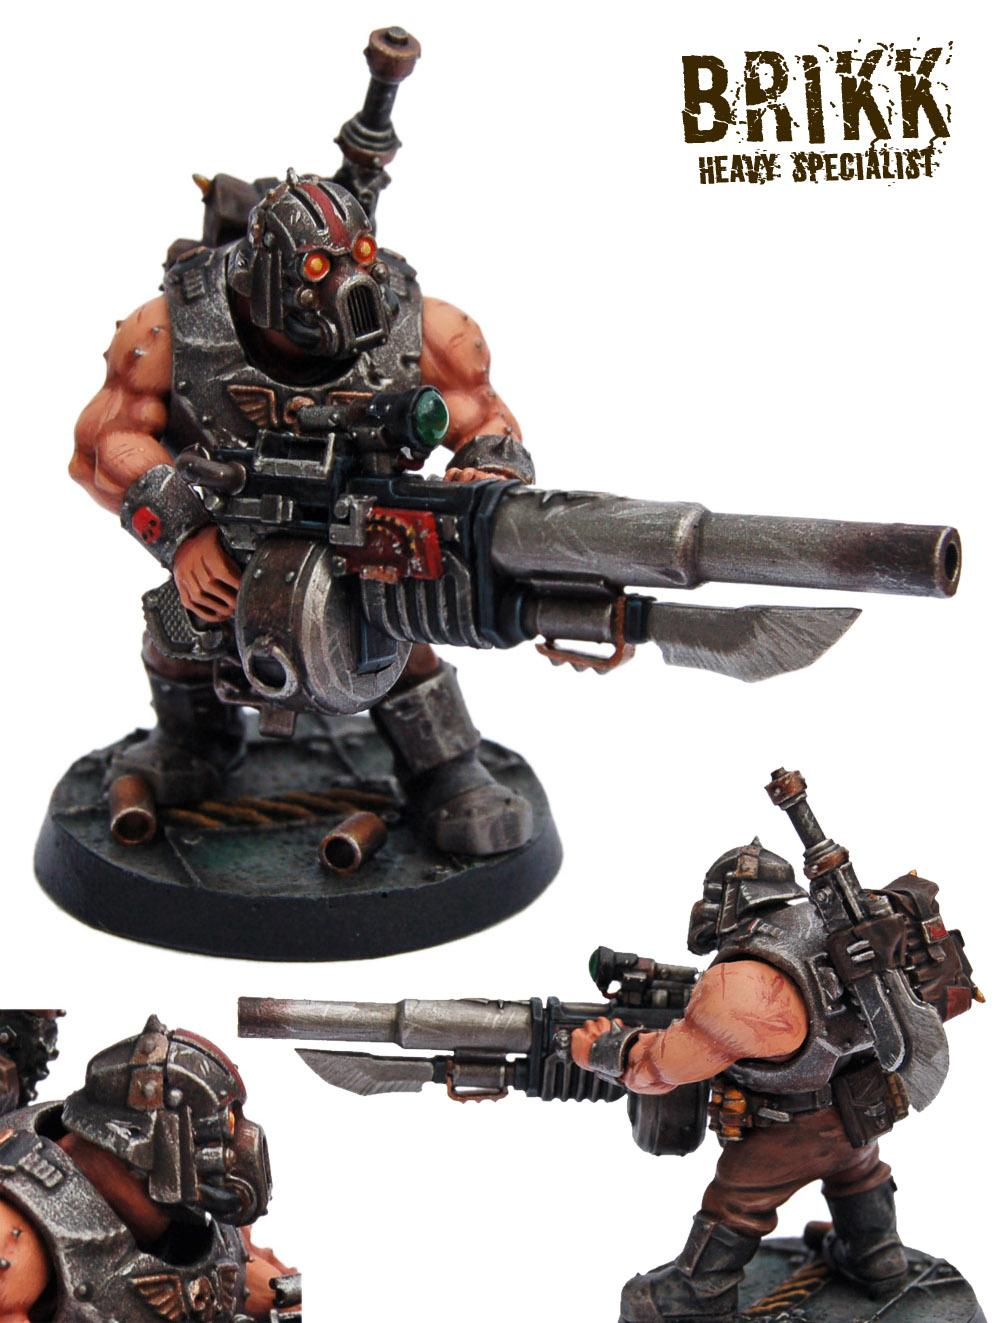 Astra Militarum, Battle Cannon, Bullgryn, Bullgryns, Conversion, Heavy Specialist, Kill Team, Ogres, Ogryn Bodyguard, Ogryn Gunluger, Ogryns, Warhammer 40,000